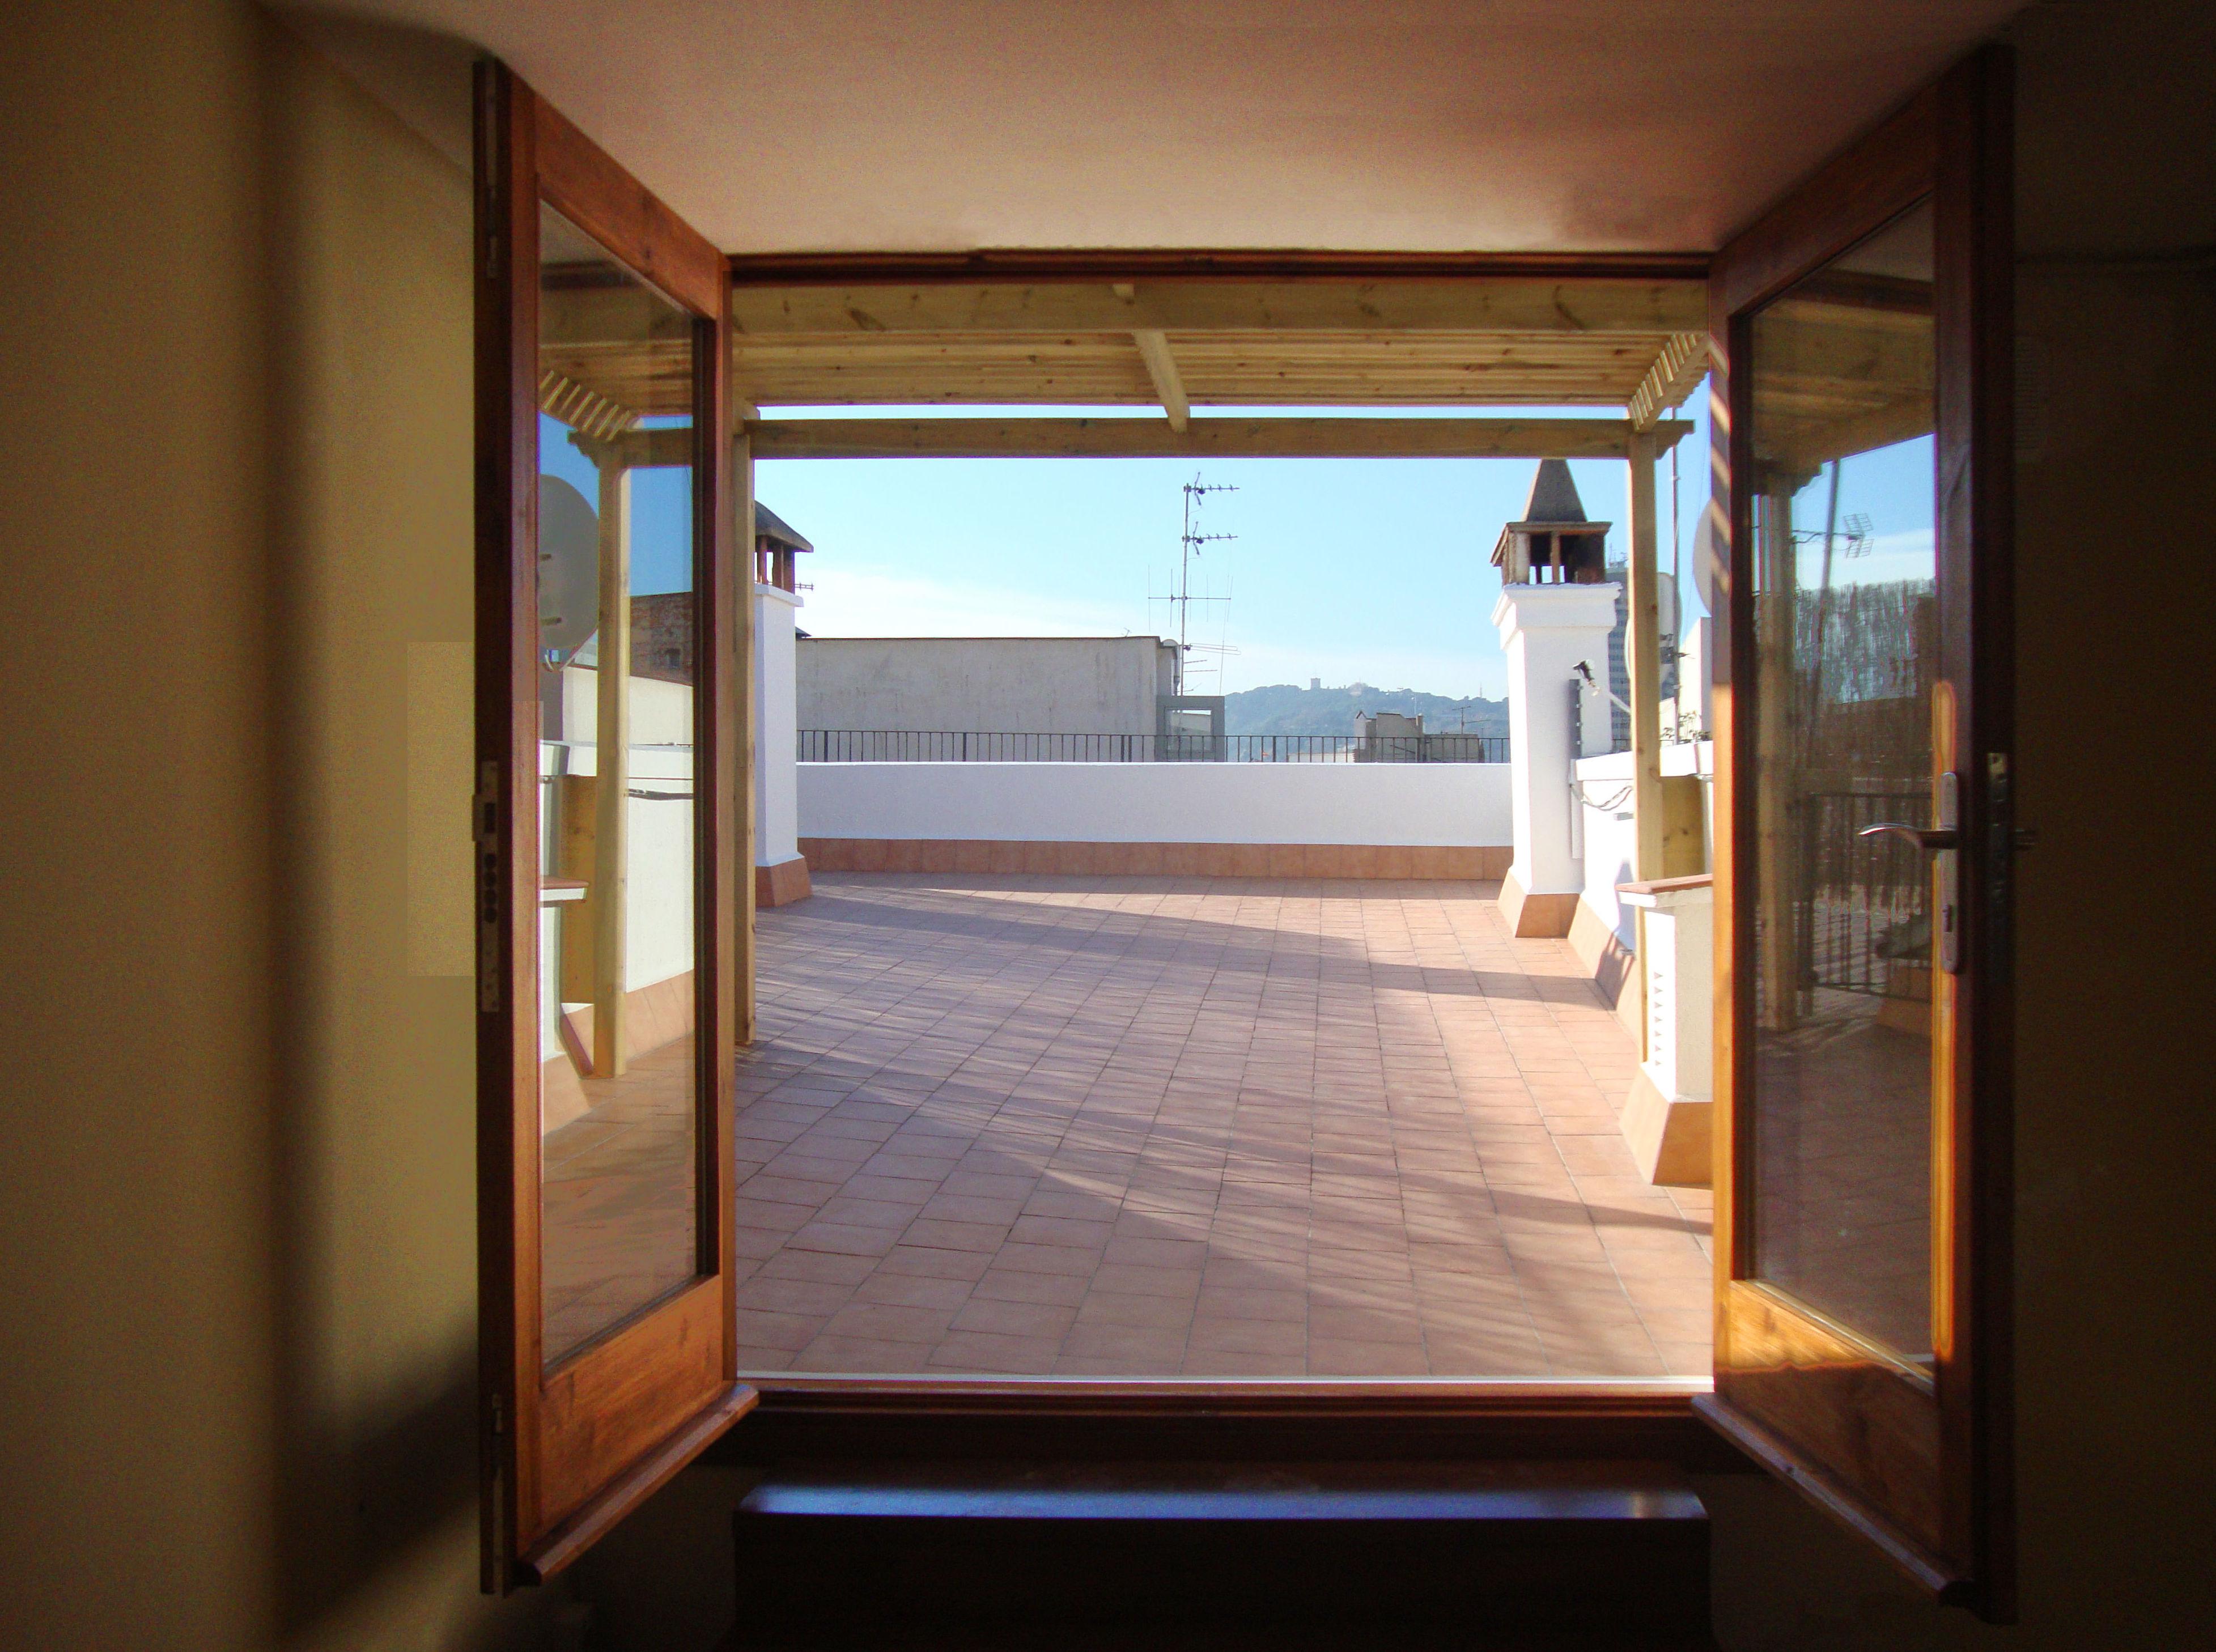 Foto 9 de Arquitectos en Barcelona | Studio Siart